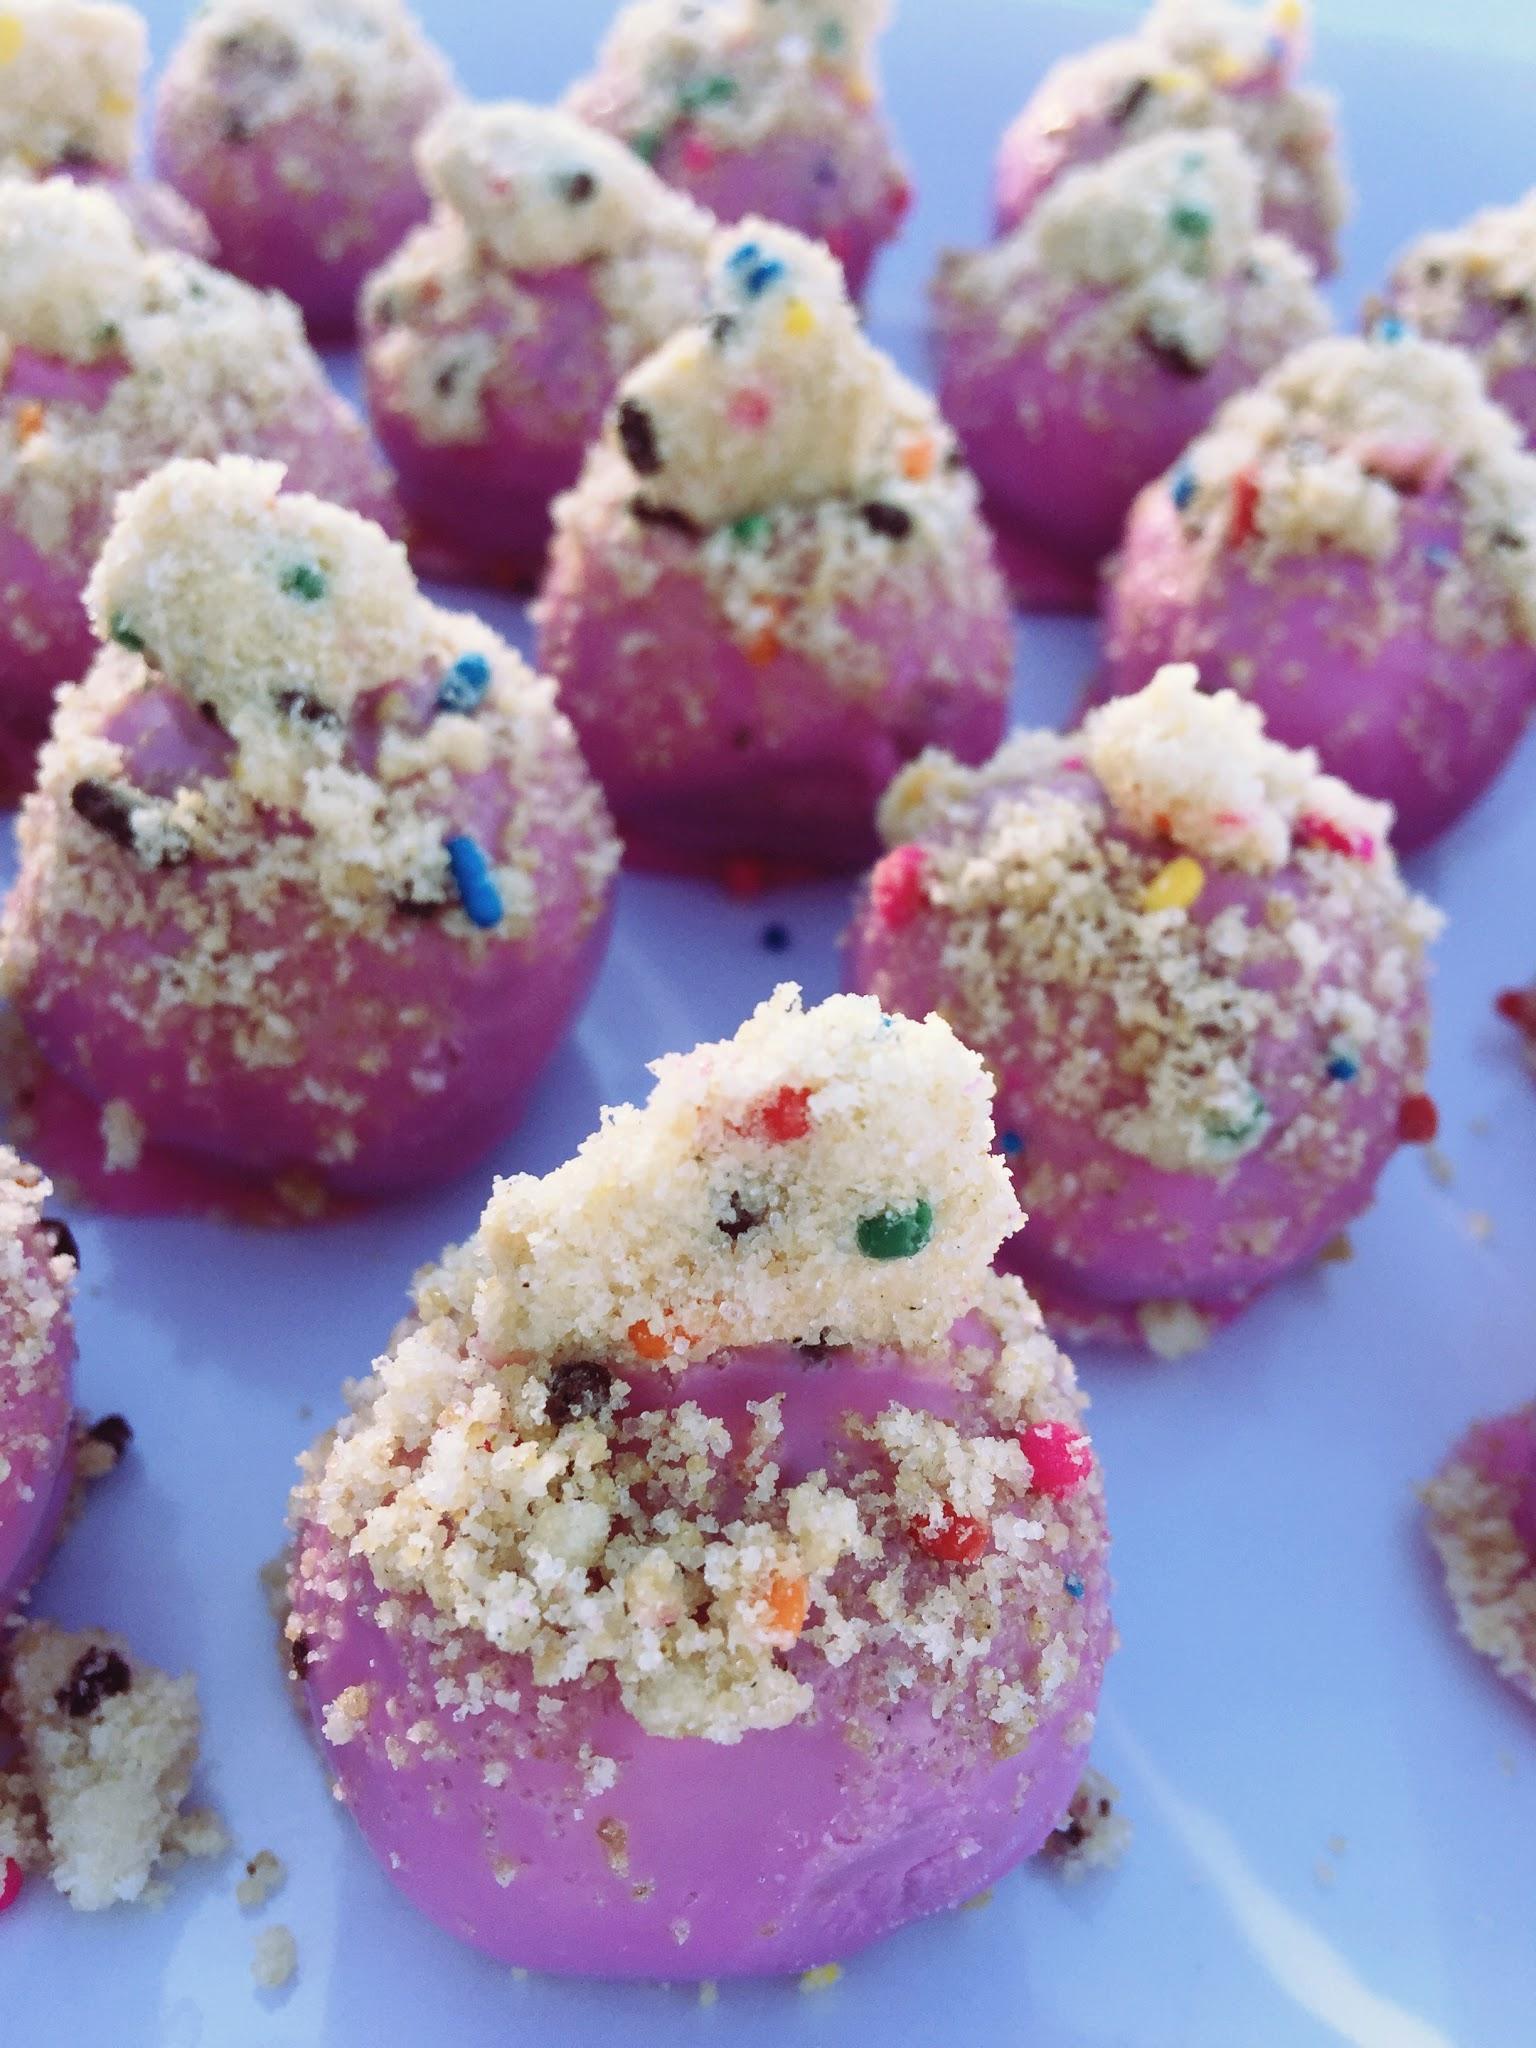 dayton birthday cake balls